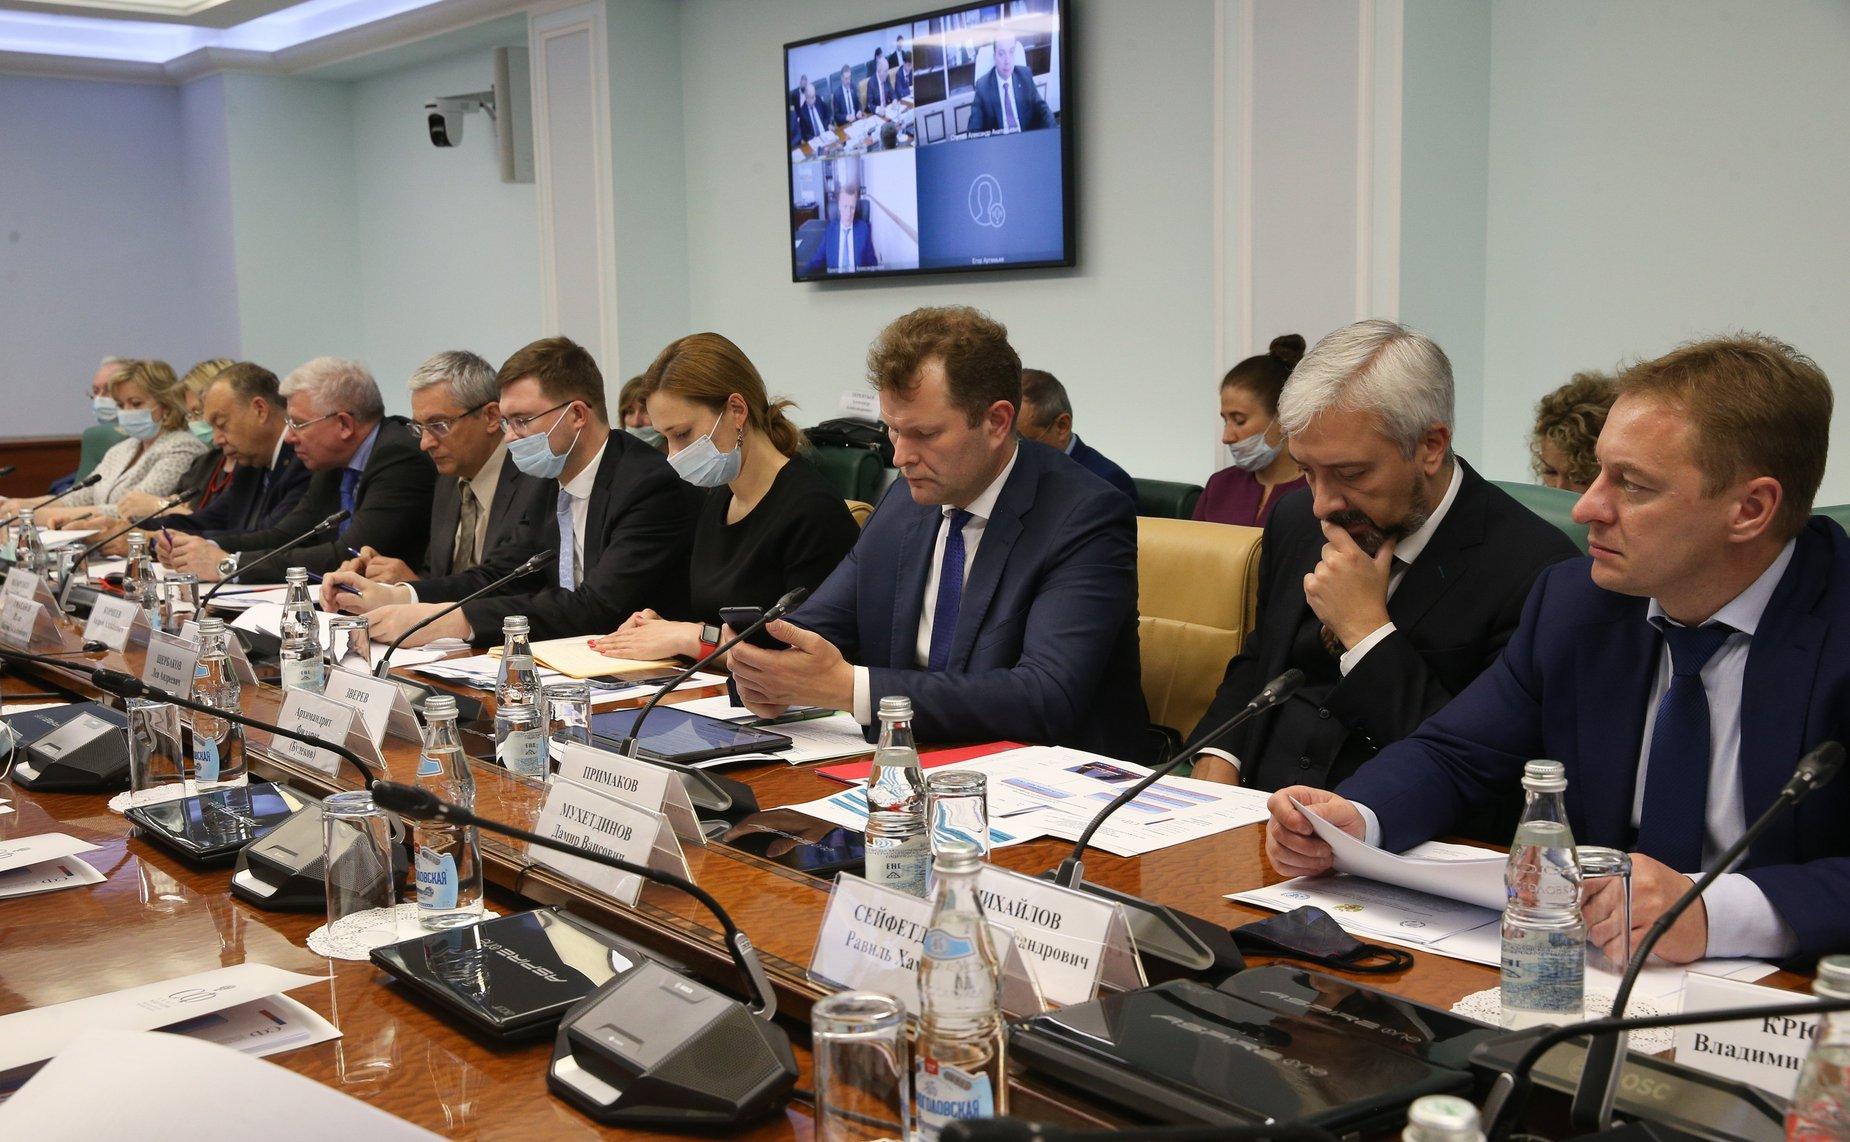 В СФ продолжается работа по подготовке Всемирной конференции